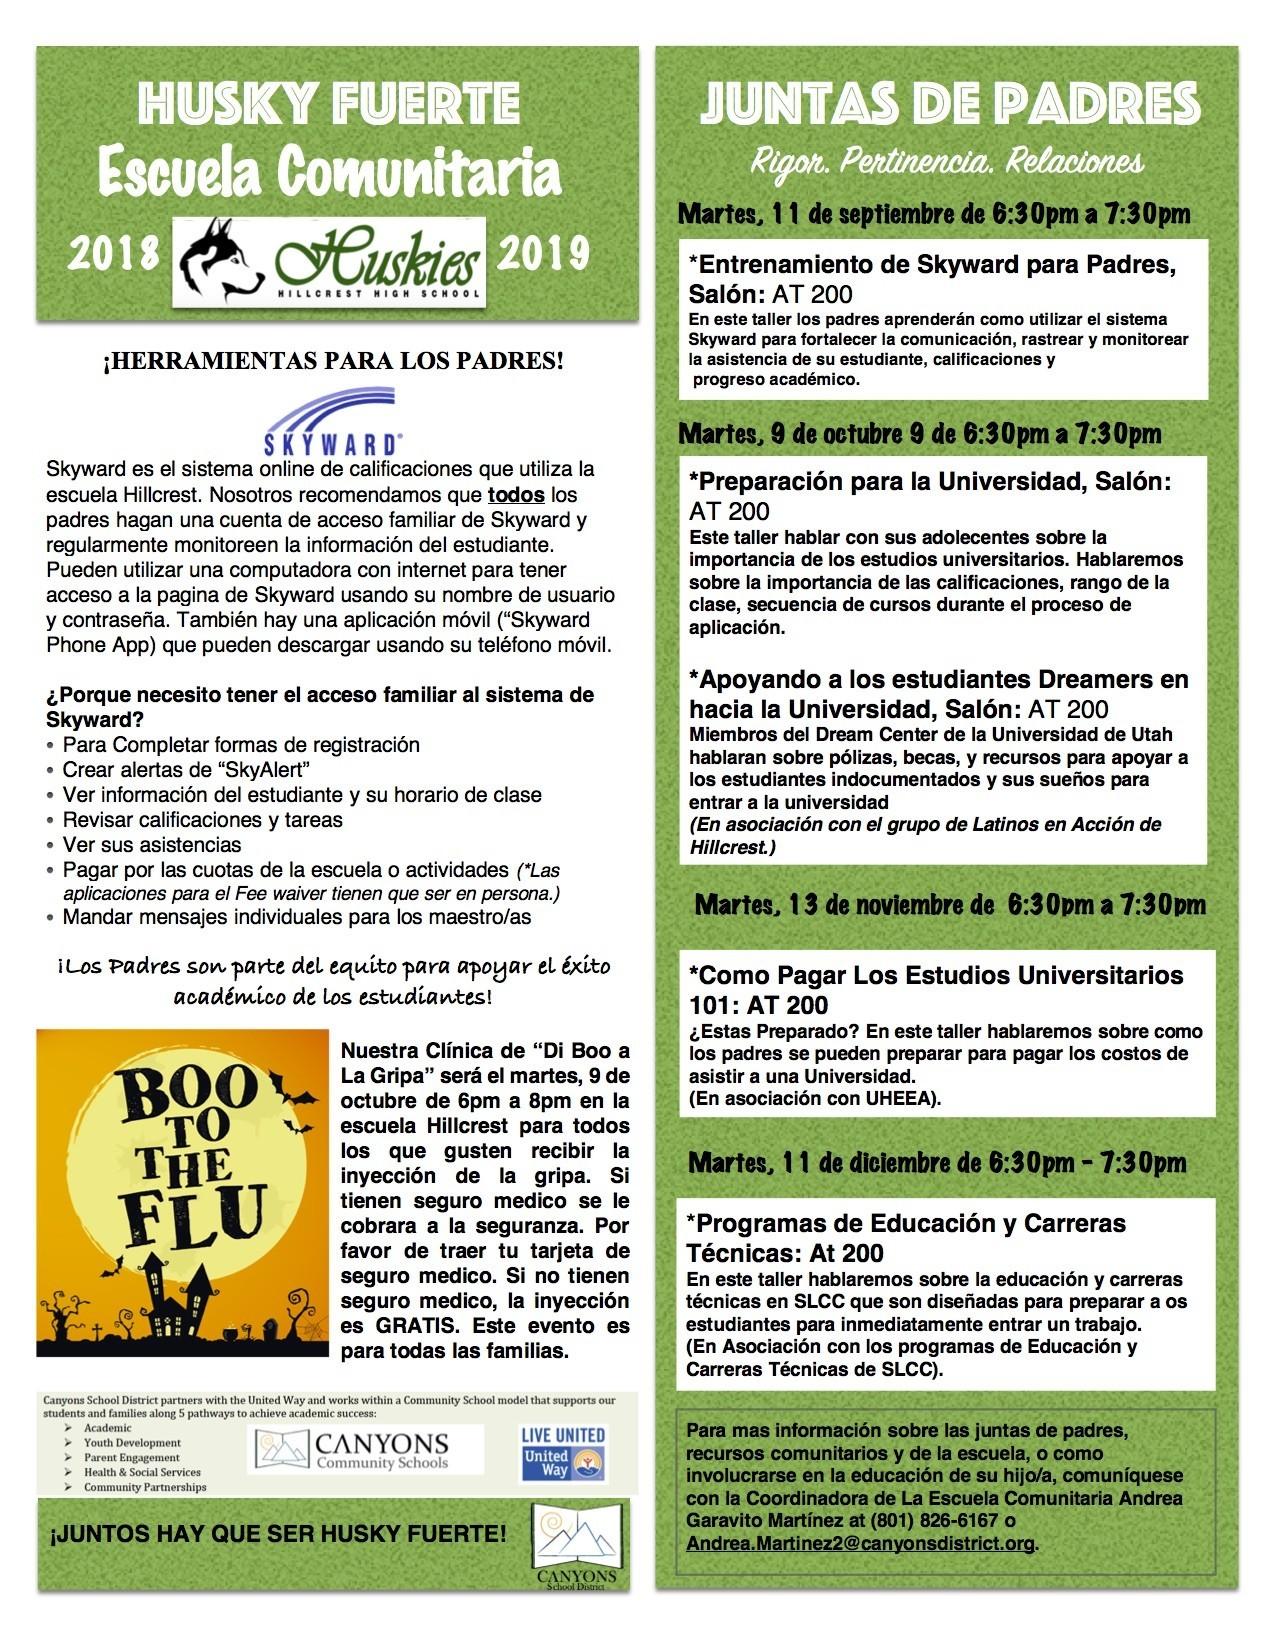 Hillcrest High School Home Página Principal de calendario 2019 y 2020 udg crédito de la imagen hhsnyonsdistrict